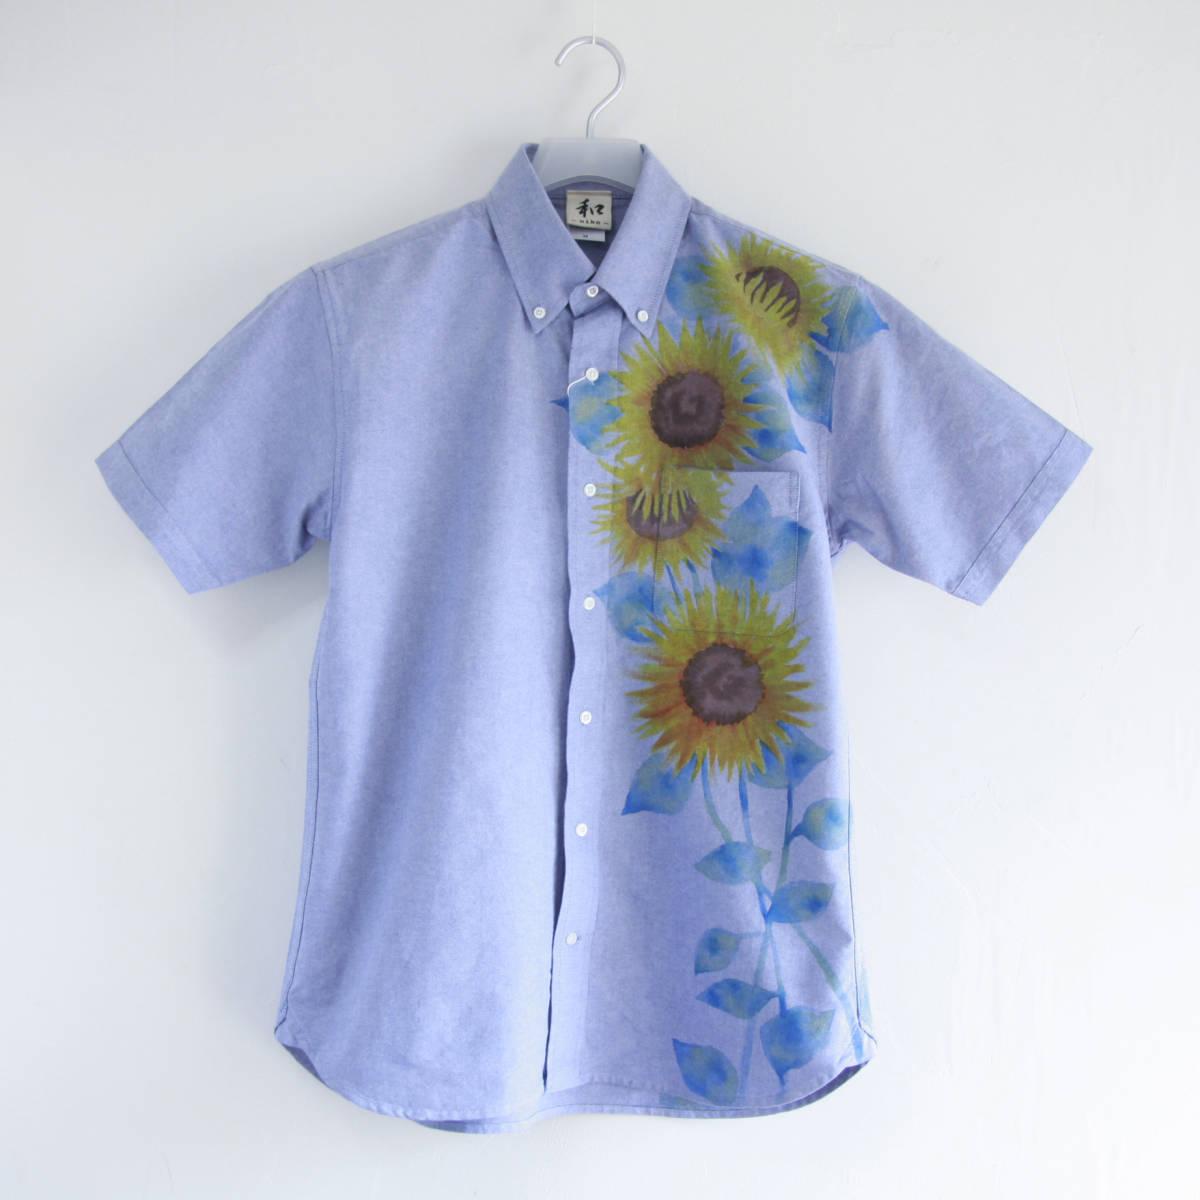 ひまわり柄 Lサイズ 手描き半袖ボタンダウンシャツ メンズ オックスフォードシャツ カジュアルシャツ 花柄